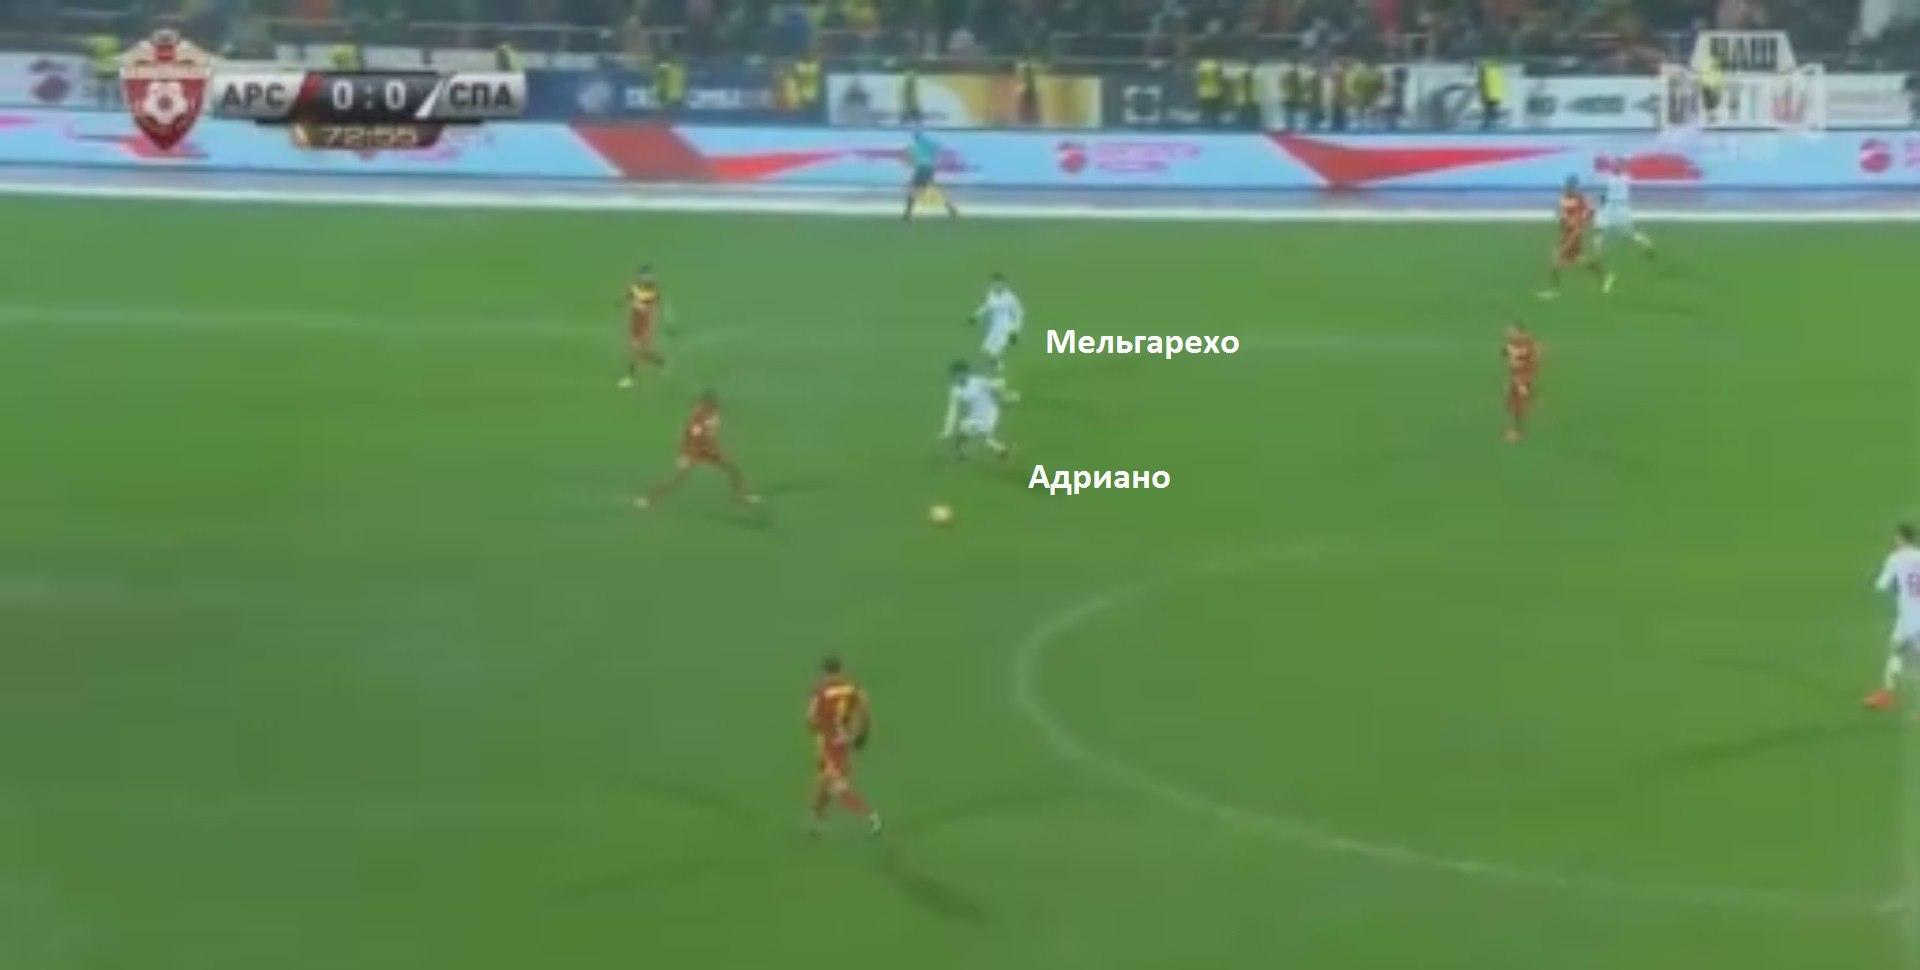 Адриано сыграл и за Зе Луиша, и за Промеса: бразилец вновь был ключевой фигурой